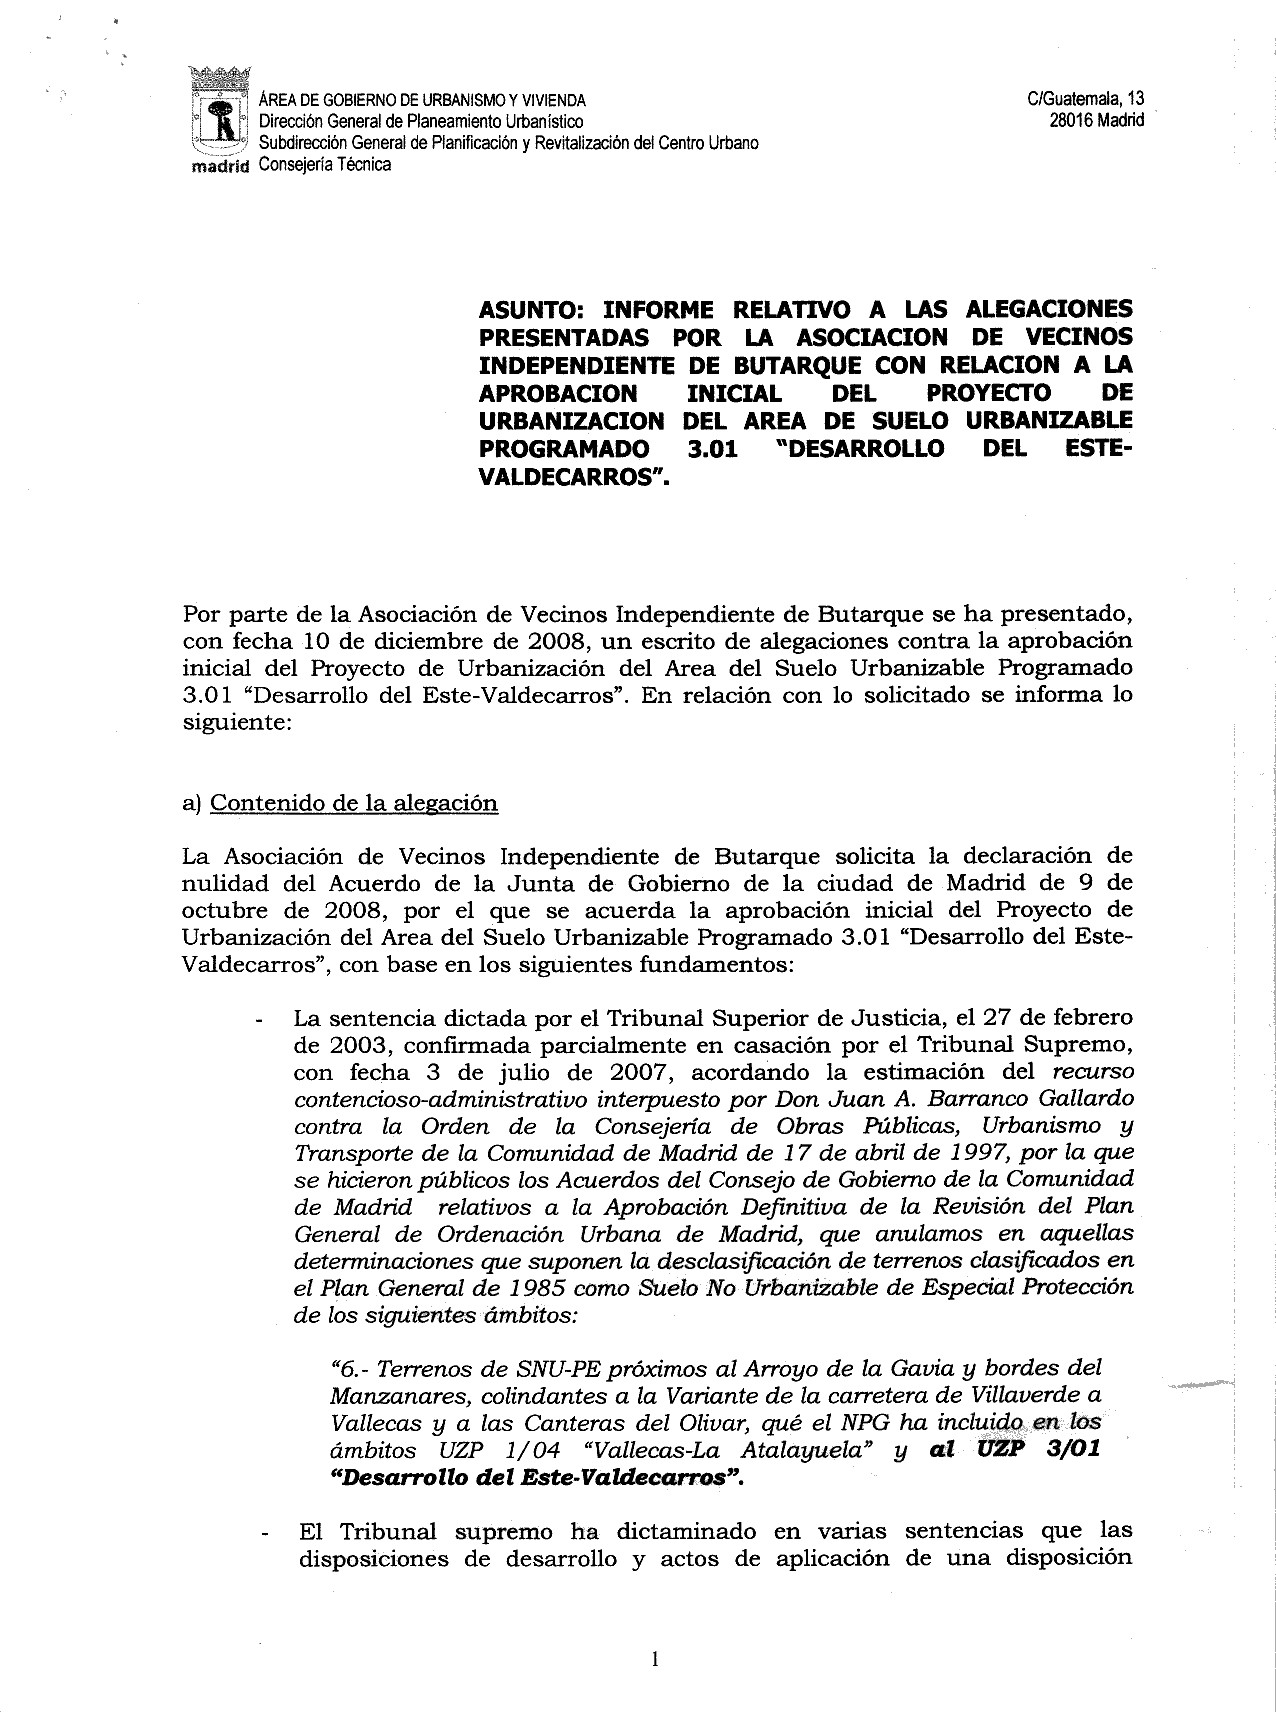 Desestimacion_alegaciones_Valdecarros-2.jpg